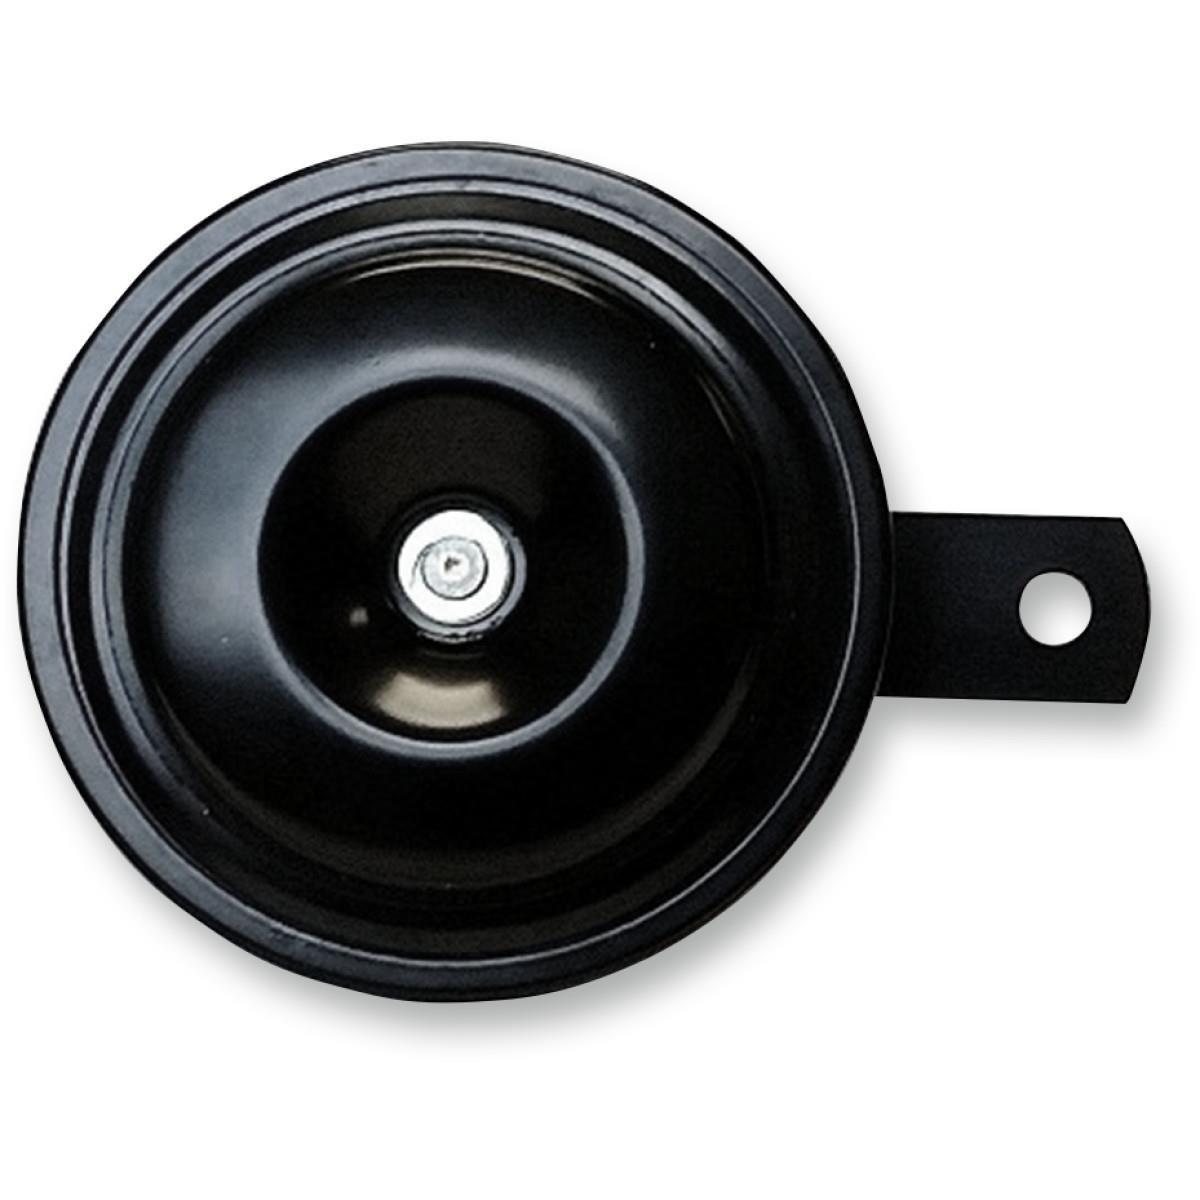 K&S Technologies 11-0200 12V Horn - 92MM Diameter - Black